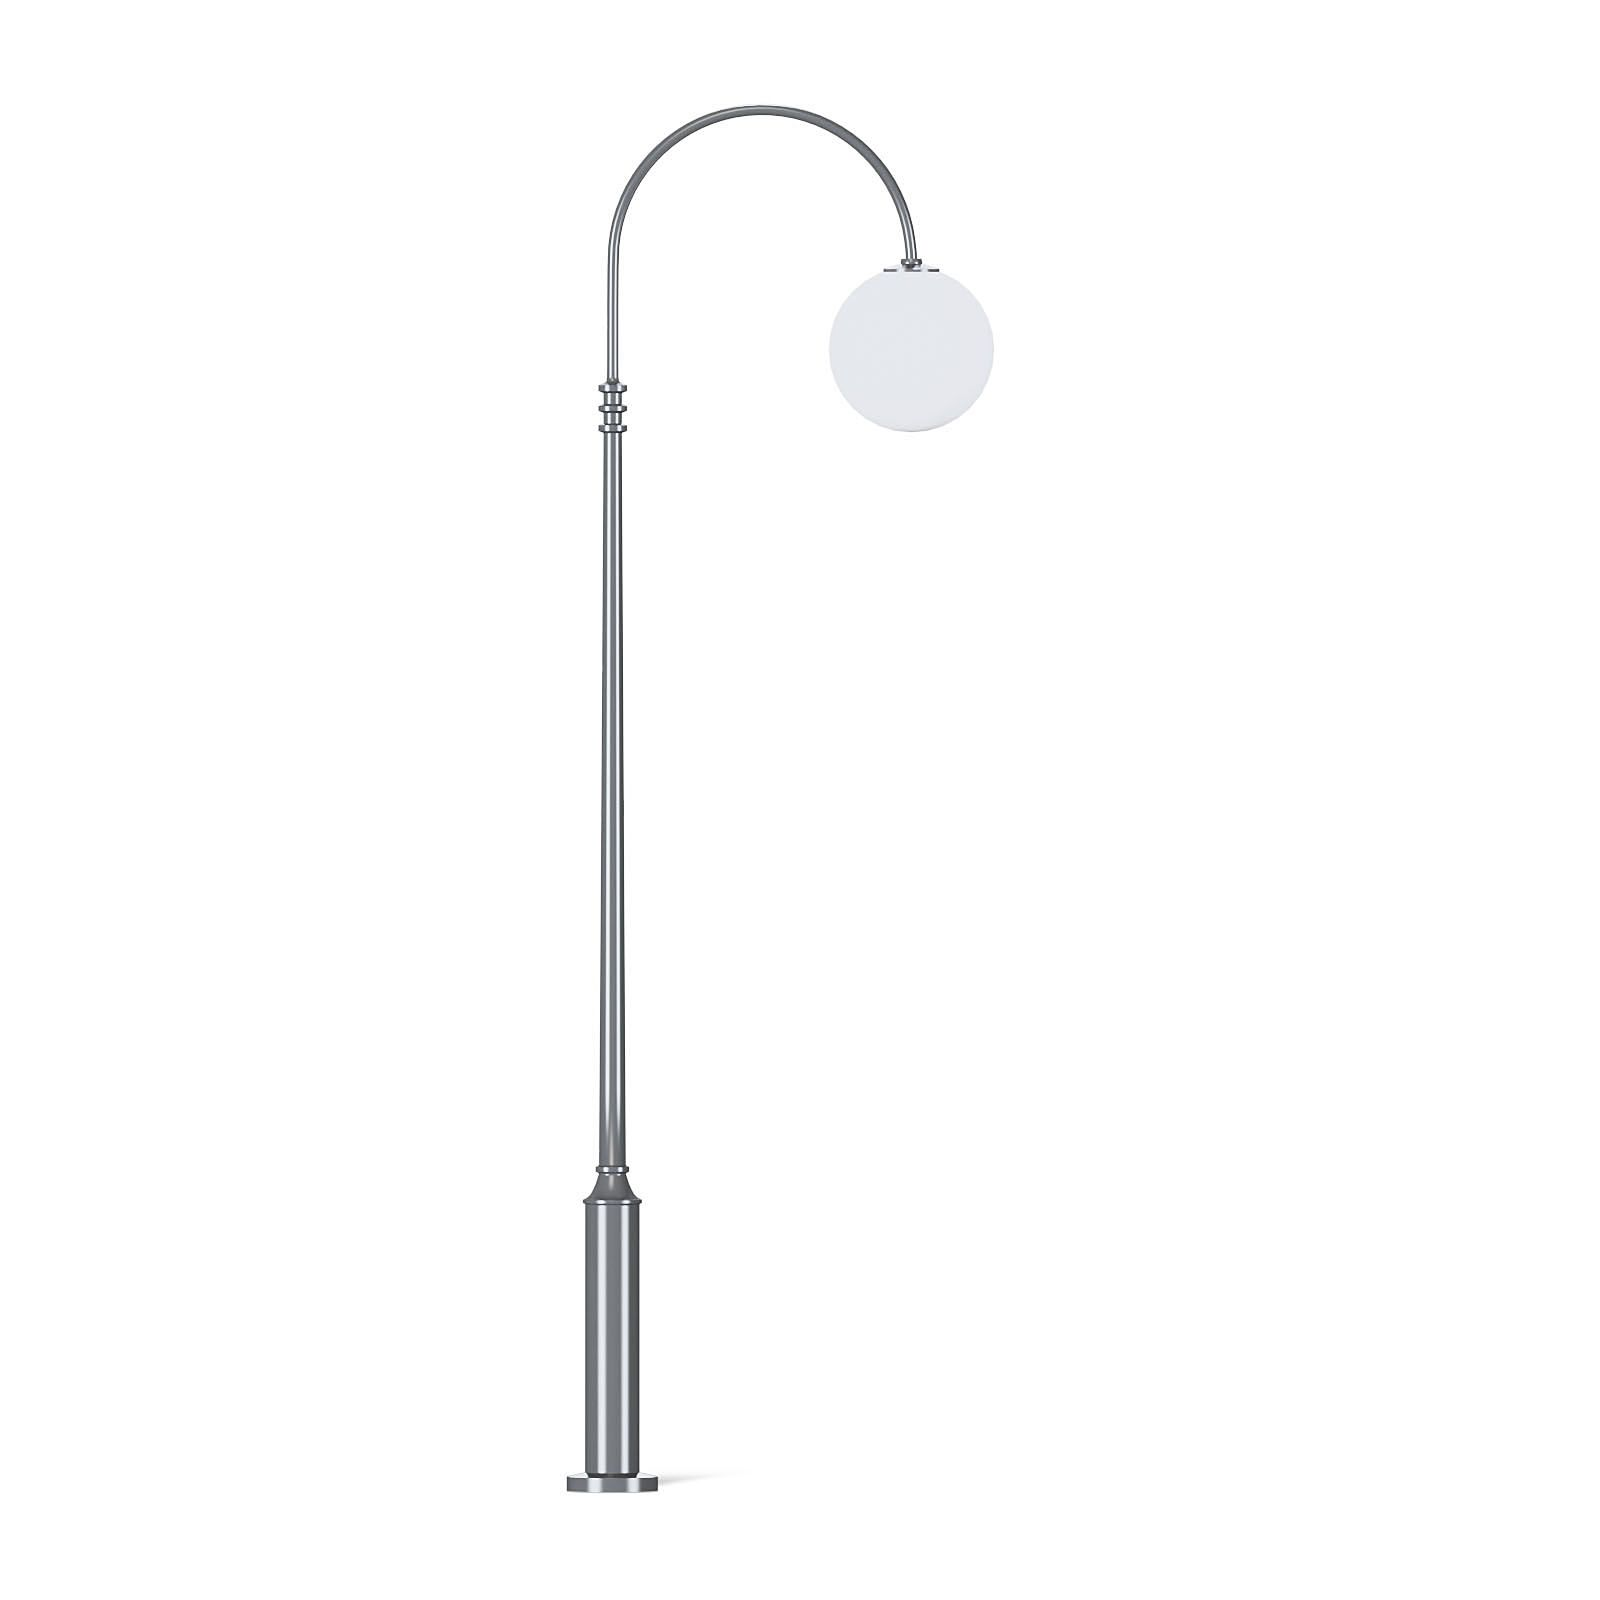 Street Lamp 3d Model Street Lamp Lamp Post Lights